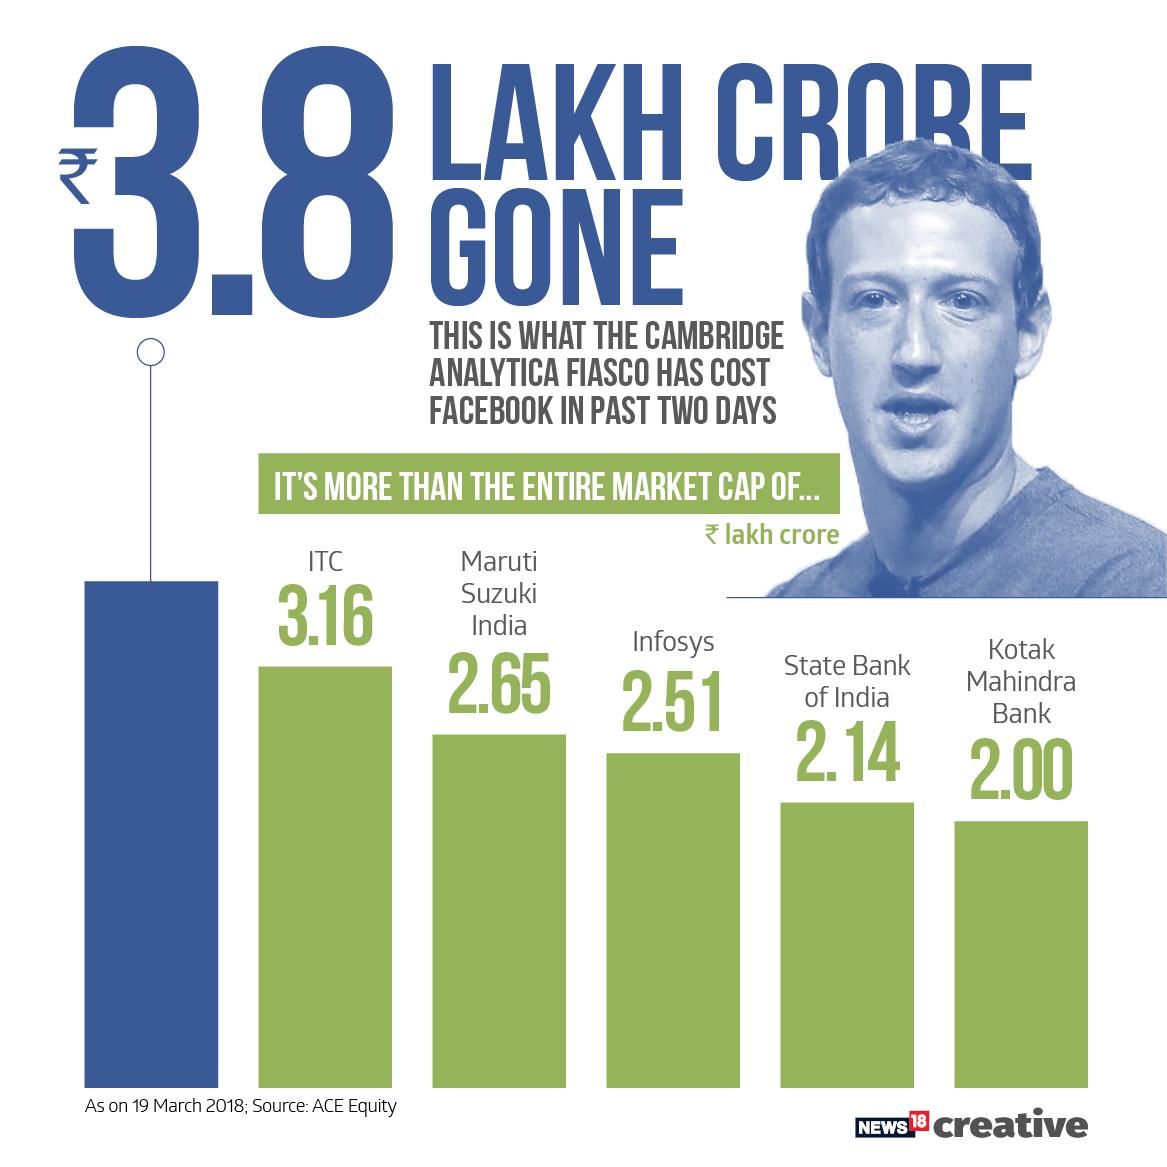 facebook 3.8 lakh crore